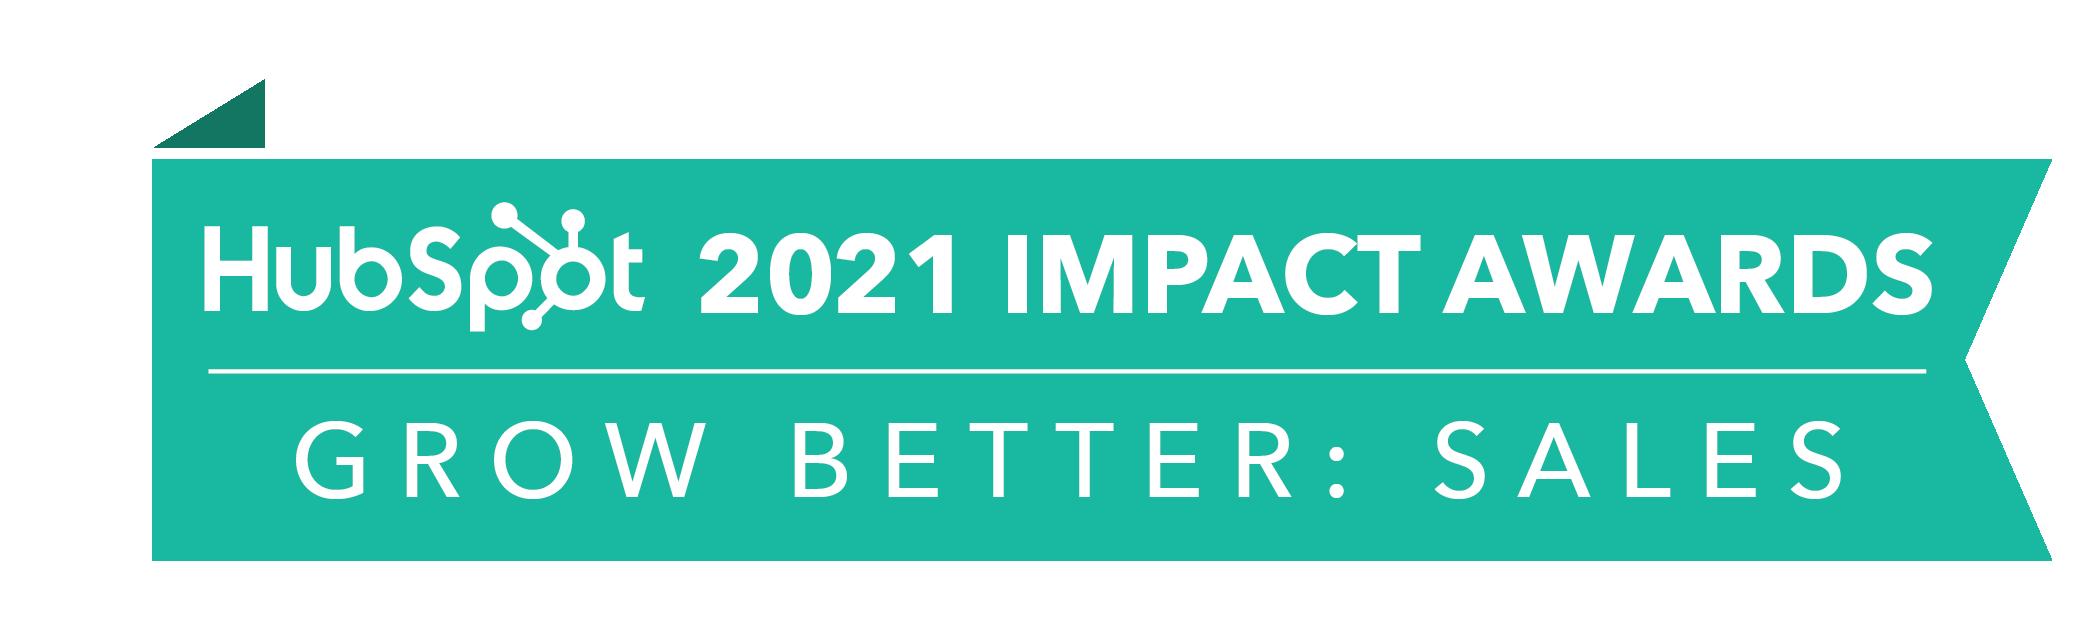 HubSpot_ImpactAwards_2021_GBSales2-1